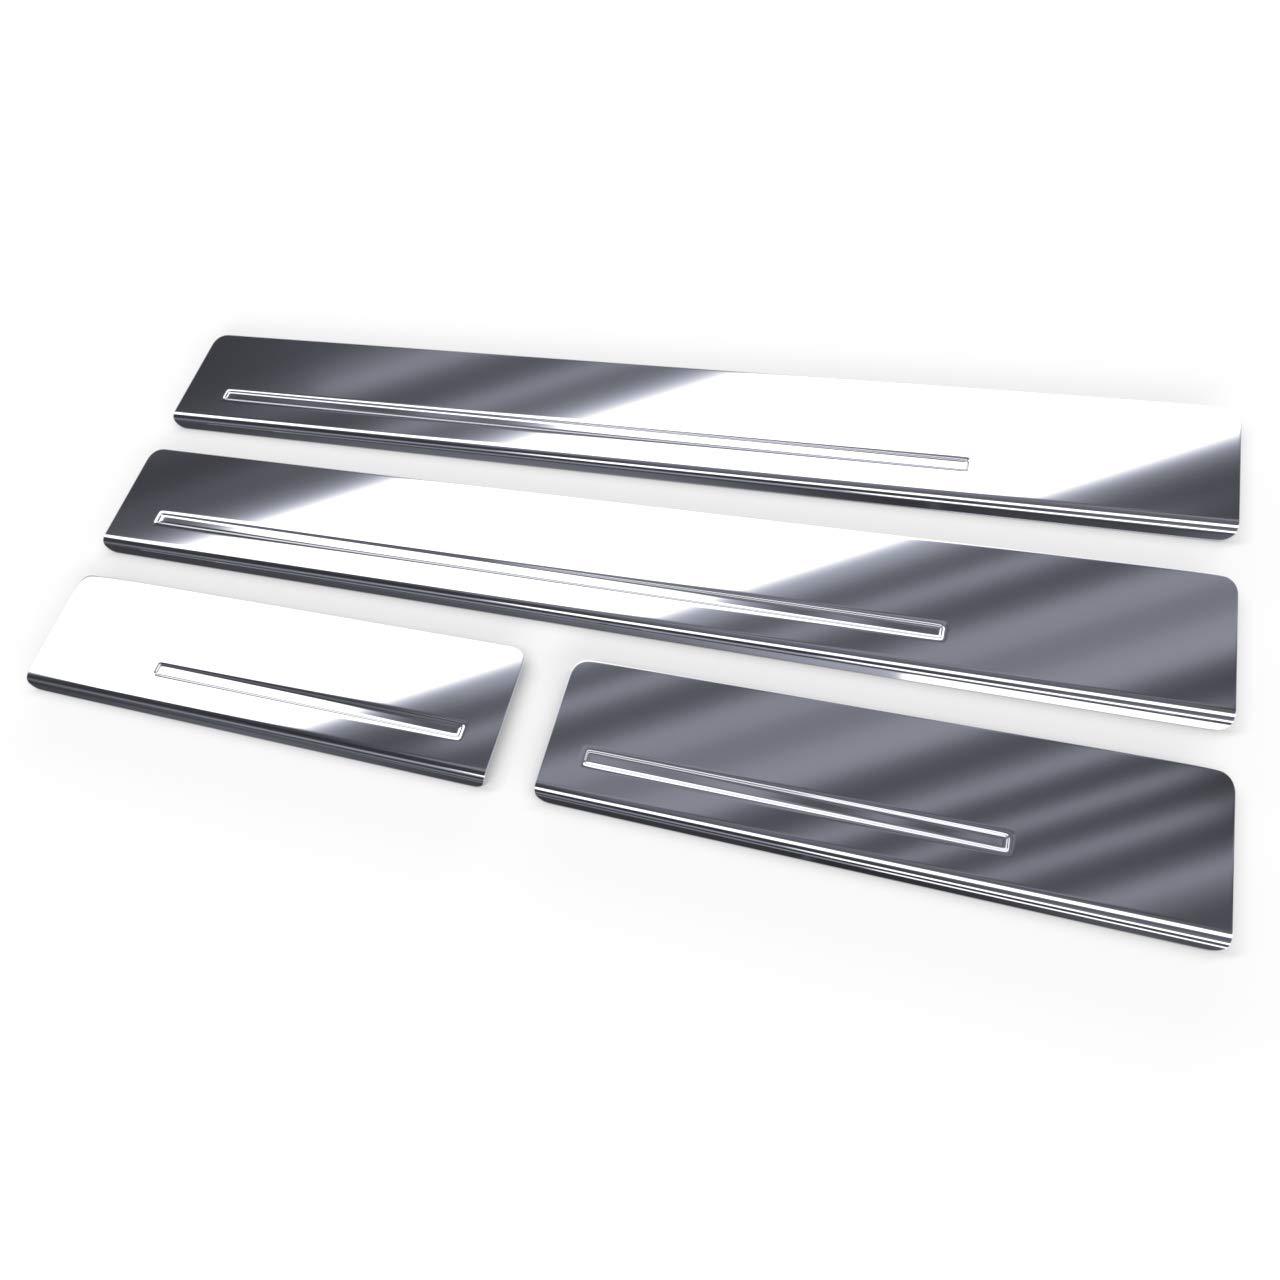 5902538678339 Glanz Auto Einstiegsleisten Set Edelstahl 4-teilig silber